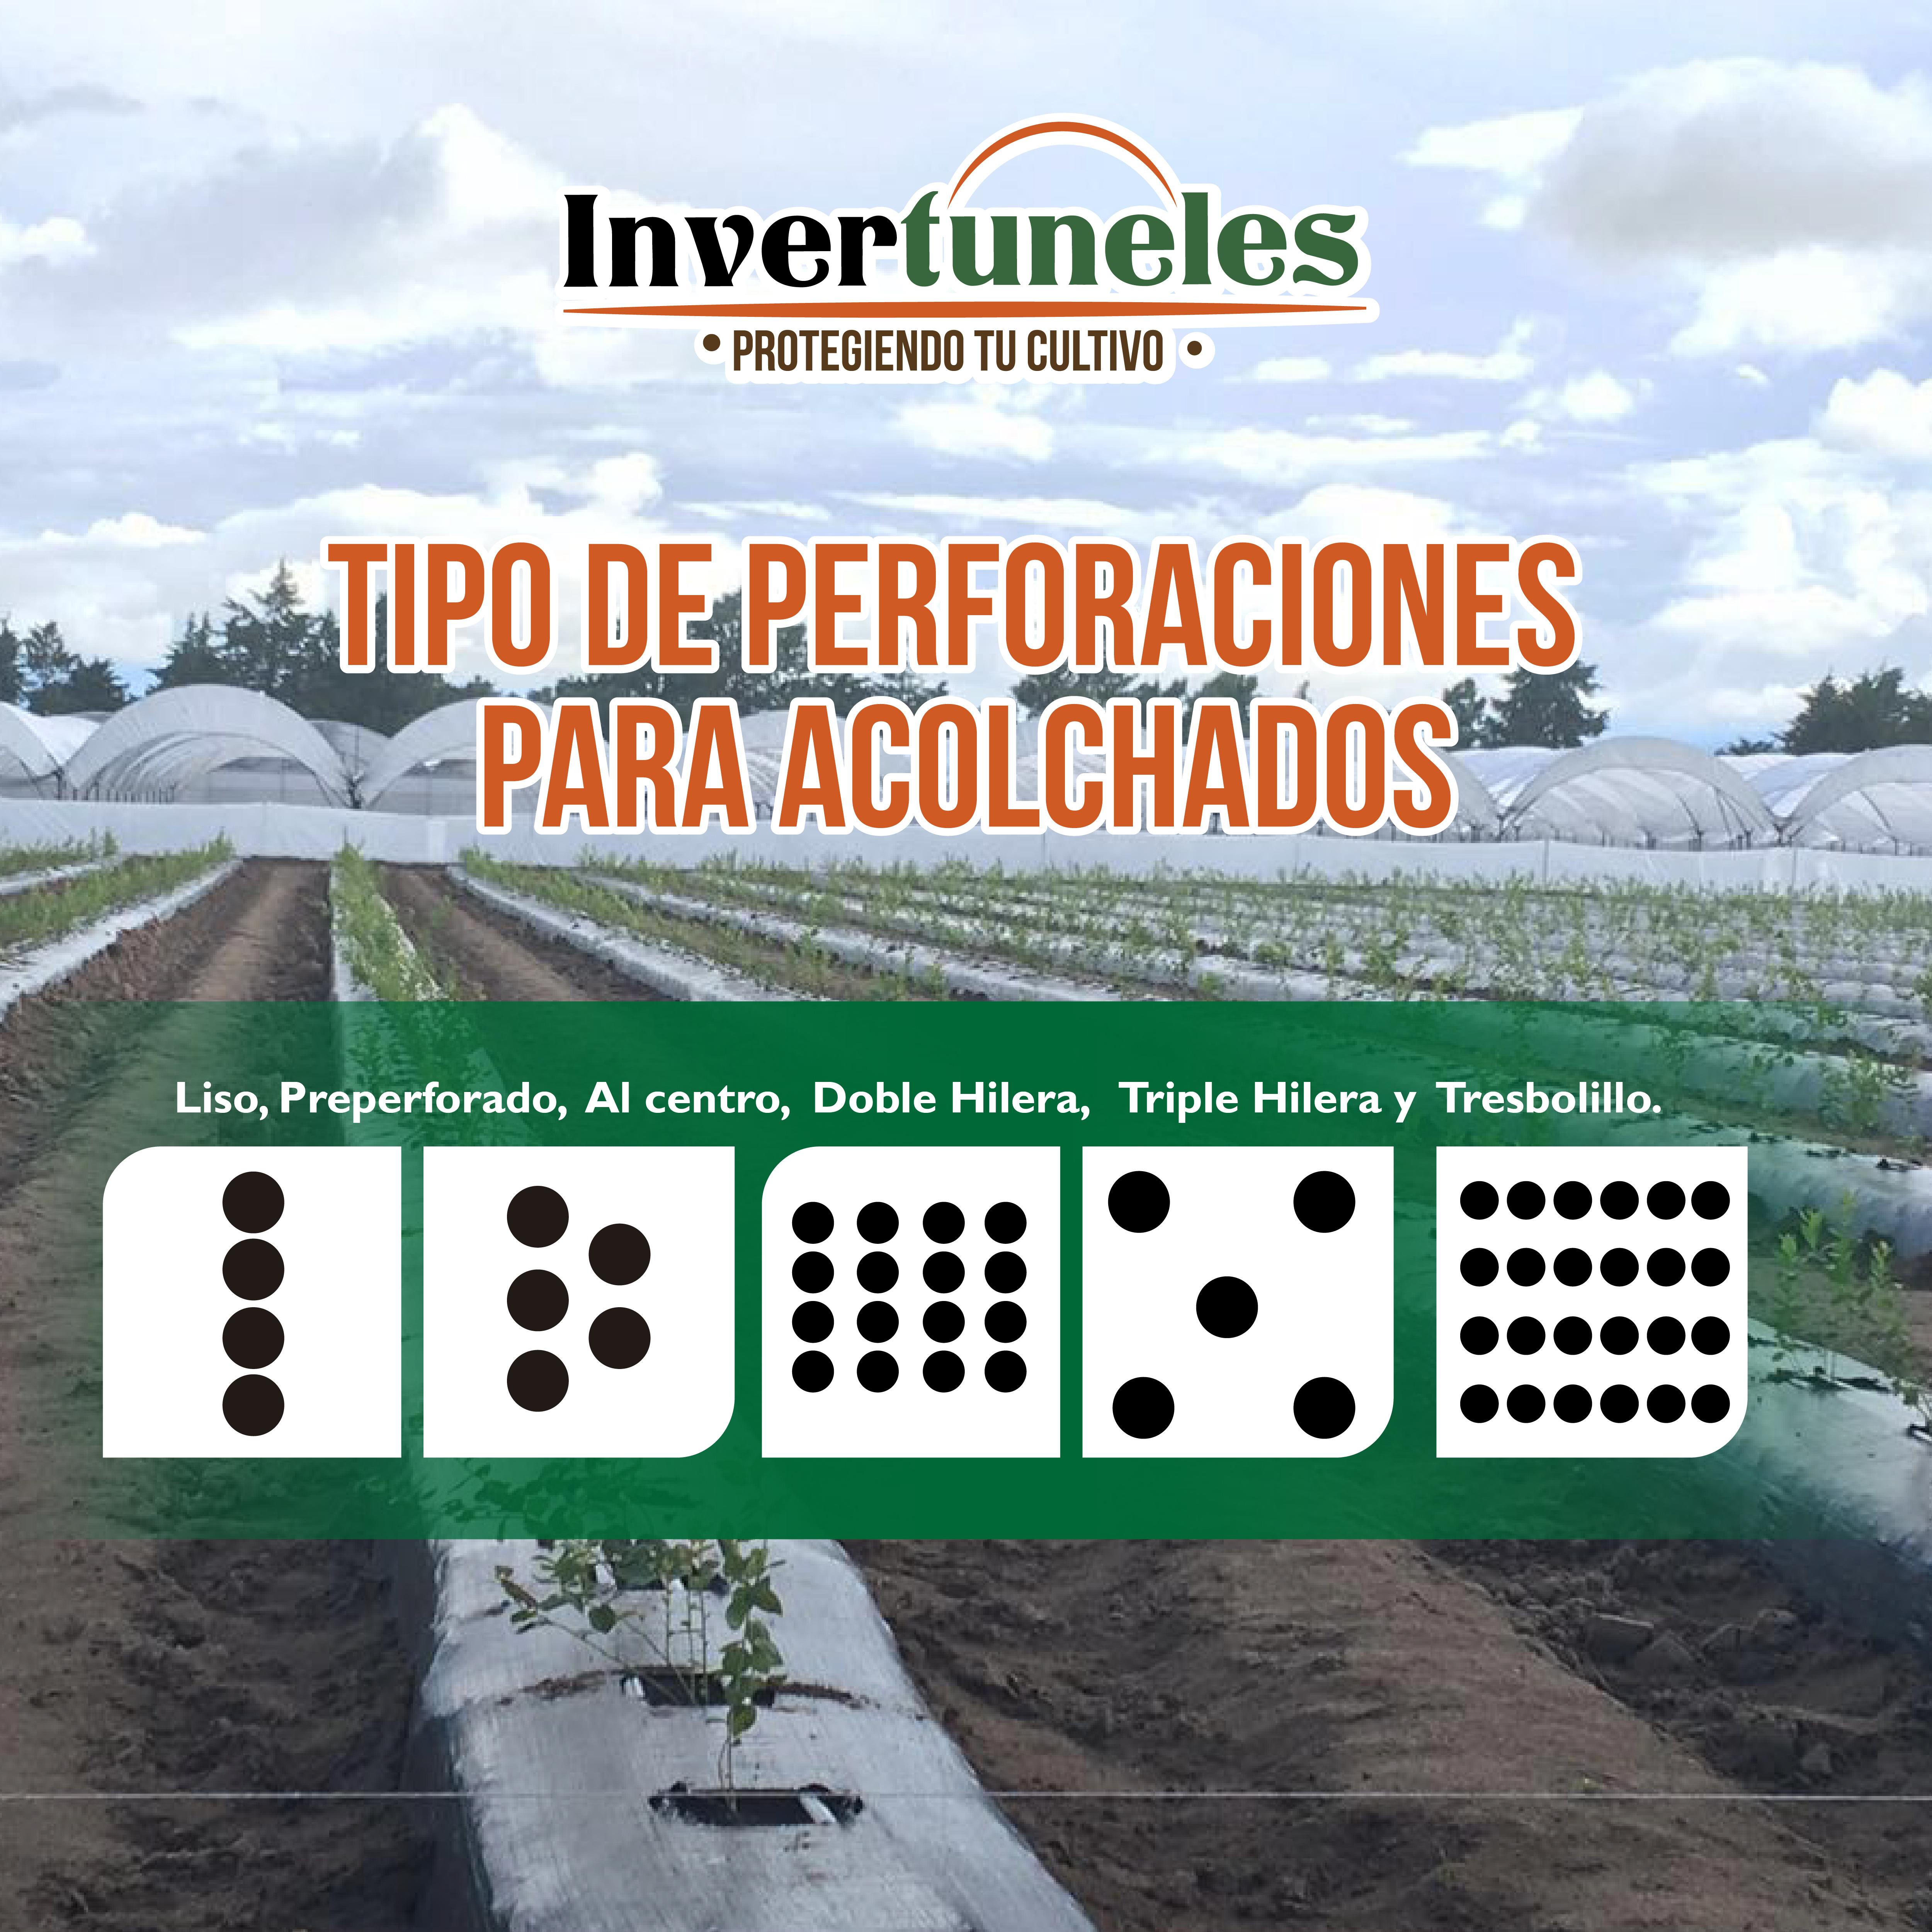 https://0201.nccdn.net/4_2/000/000/060/85f/5febrero_Mesa-de-trabajo-1-5000x5000.jpg